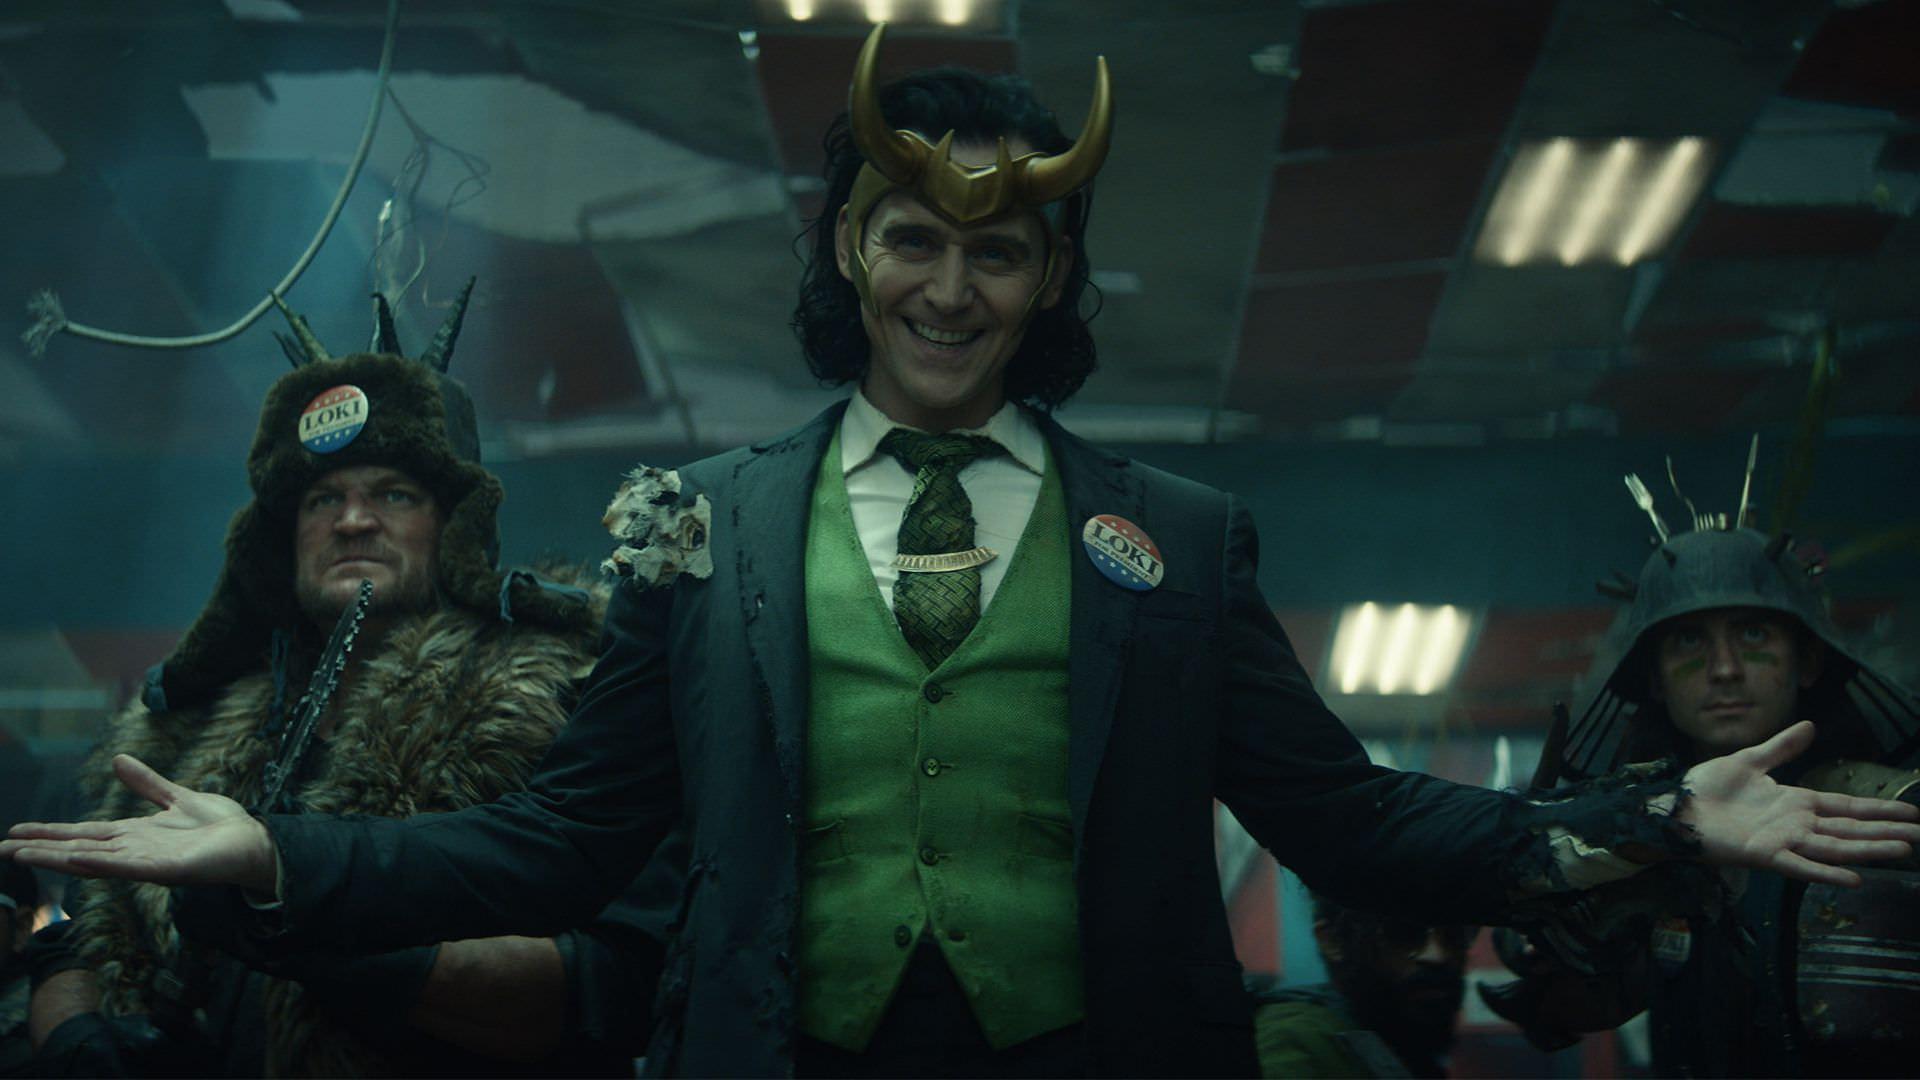 حضور رئیس جمهور لوکی در قسمت پنجم سریال Loki